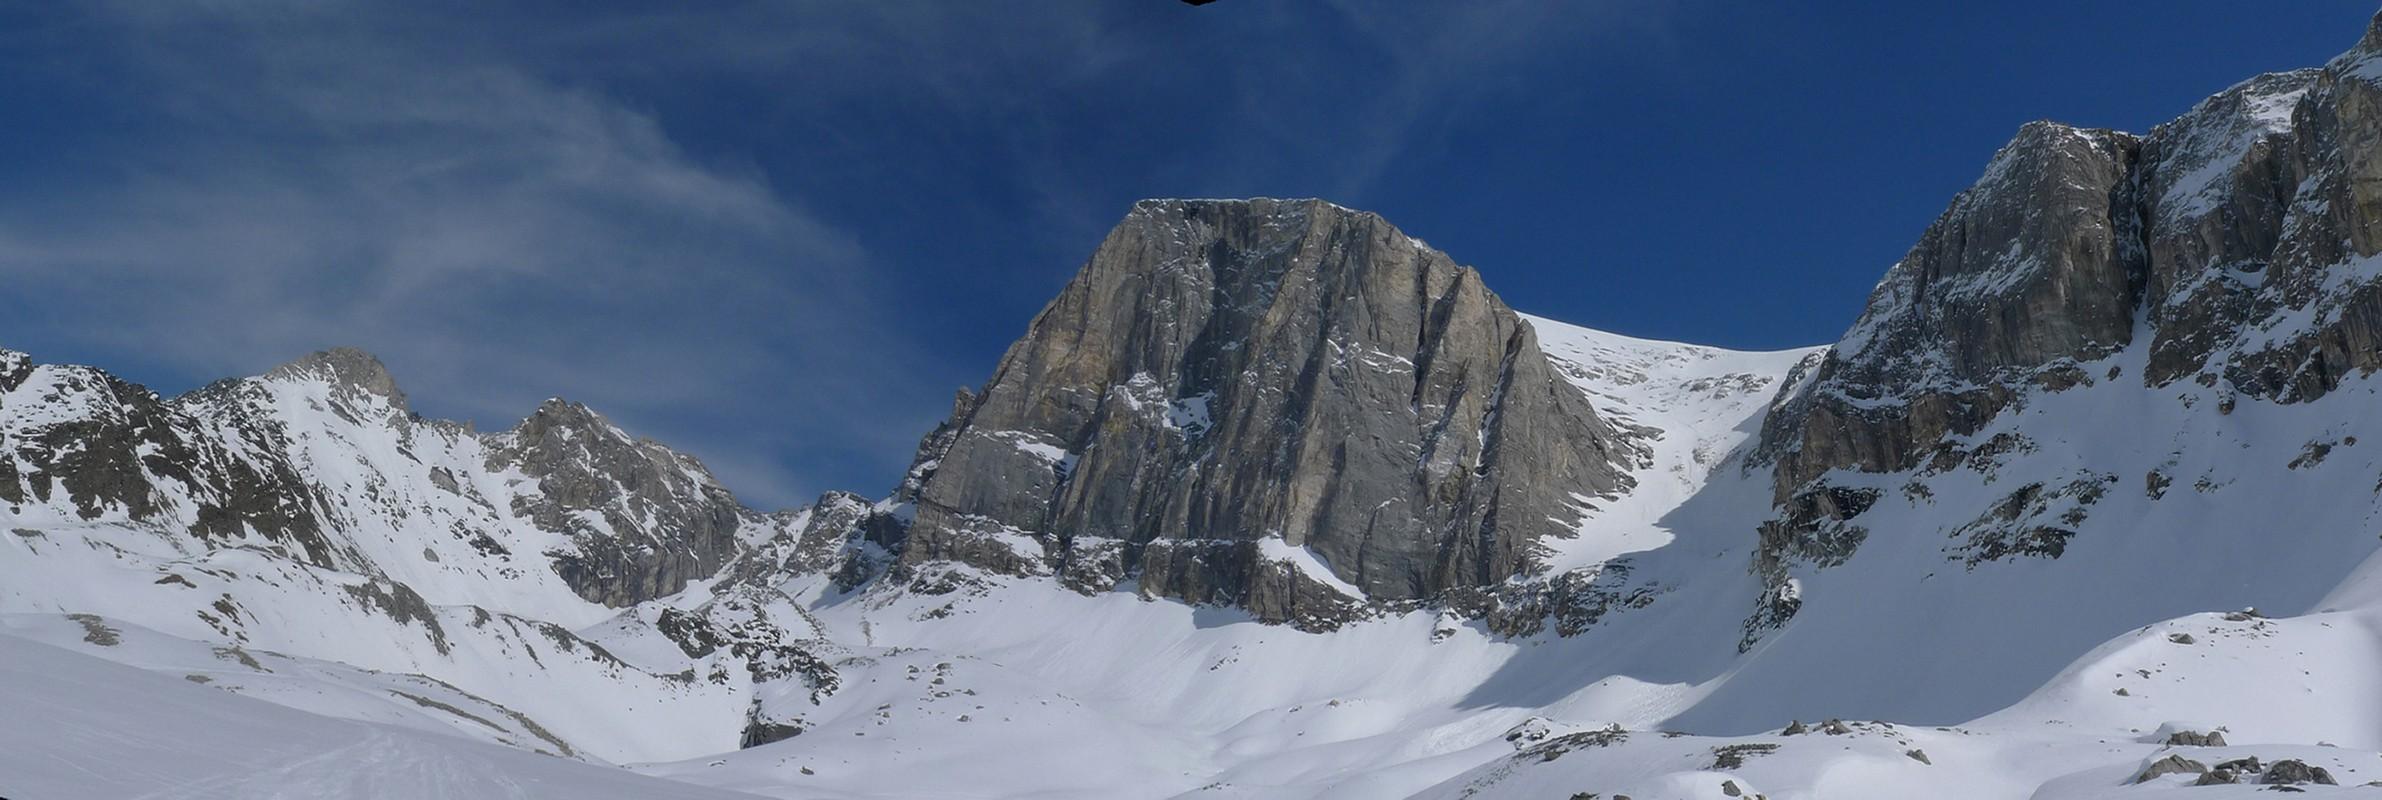 Turtmannhütte / Cabane Tourtemagne  Walliser Alpen / Alpes valaisannes Schweiz panorama 13